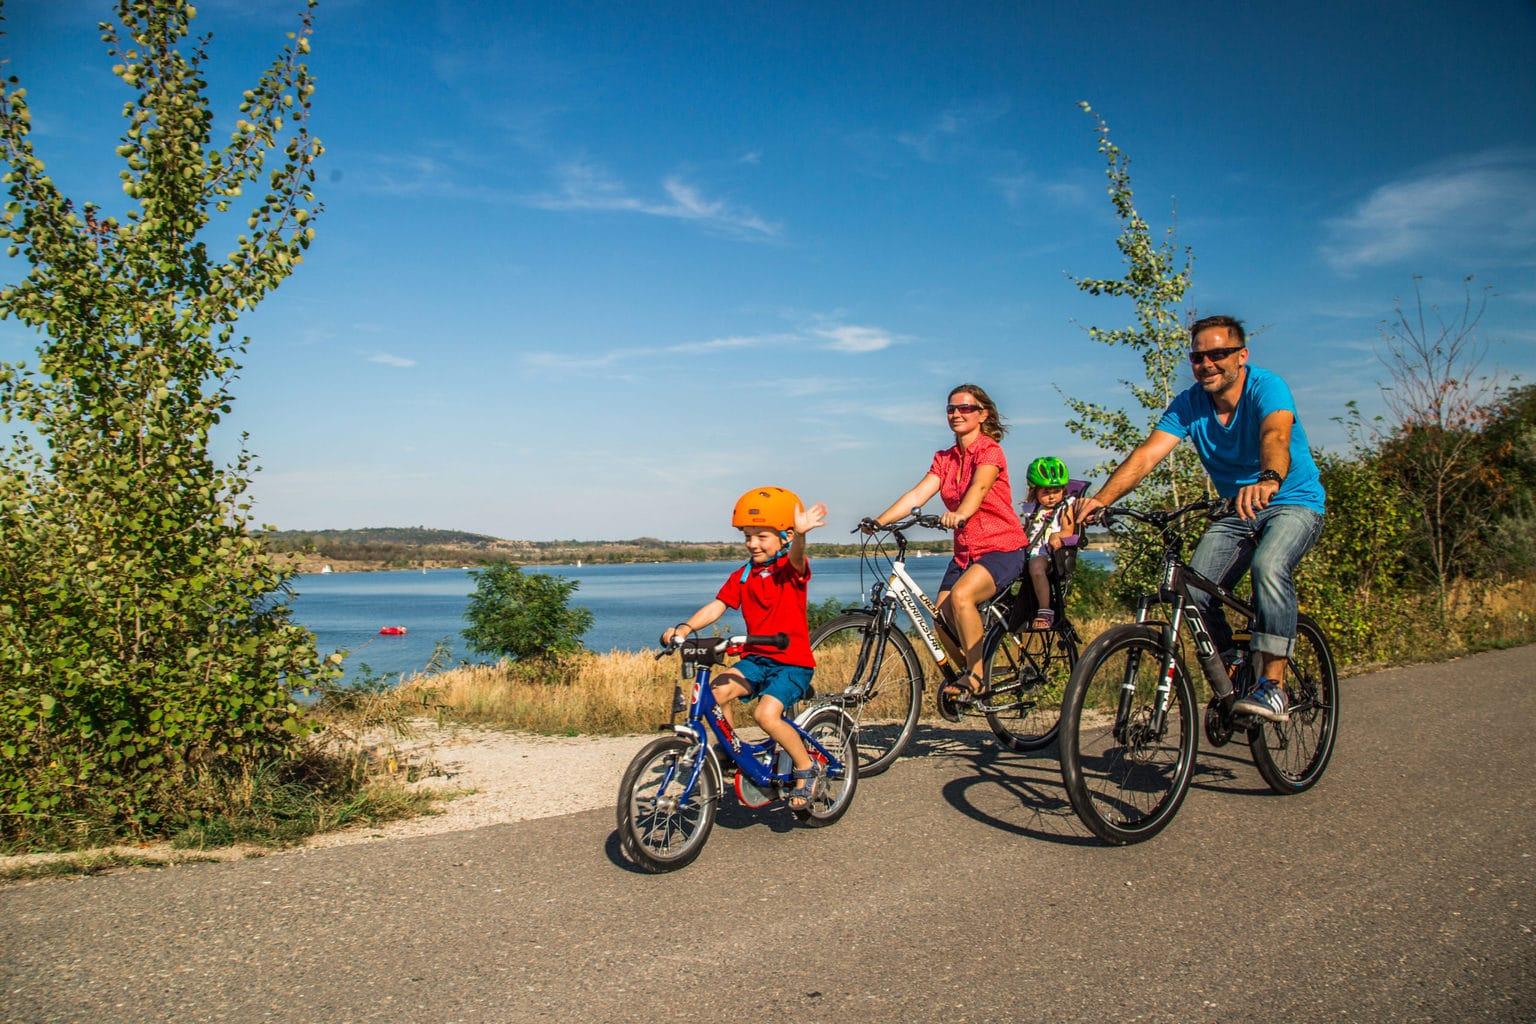 Een familie tijdens een fietstocht aan de Geiseltalsee in de regio Saale-Unstrut